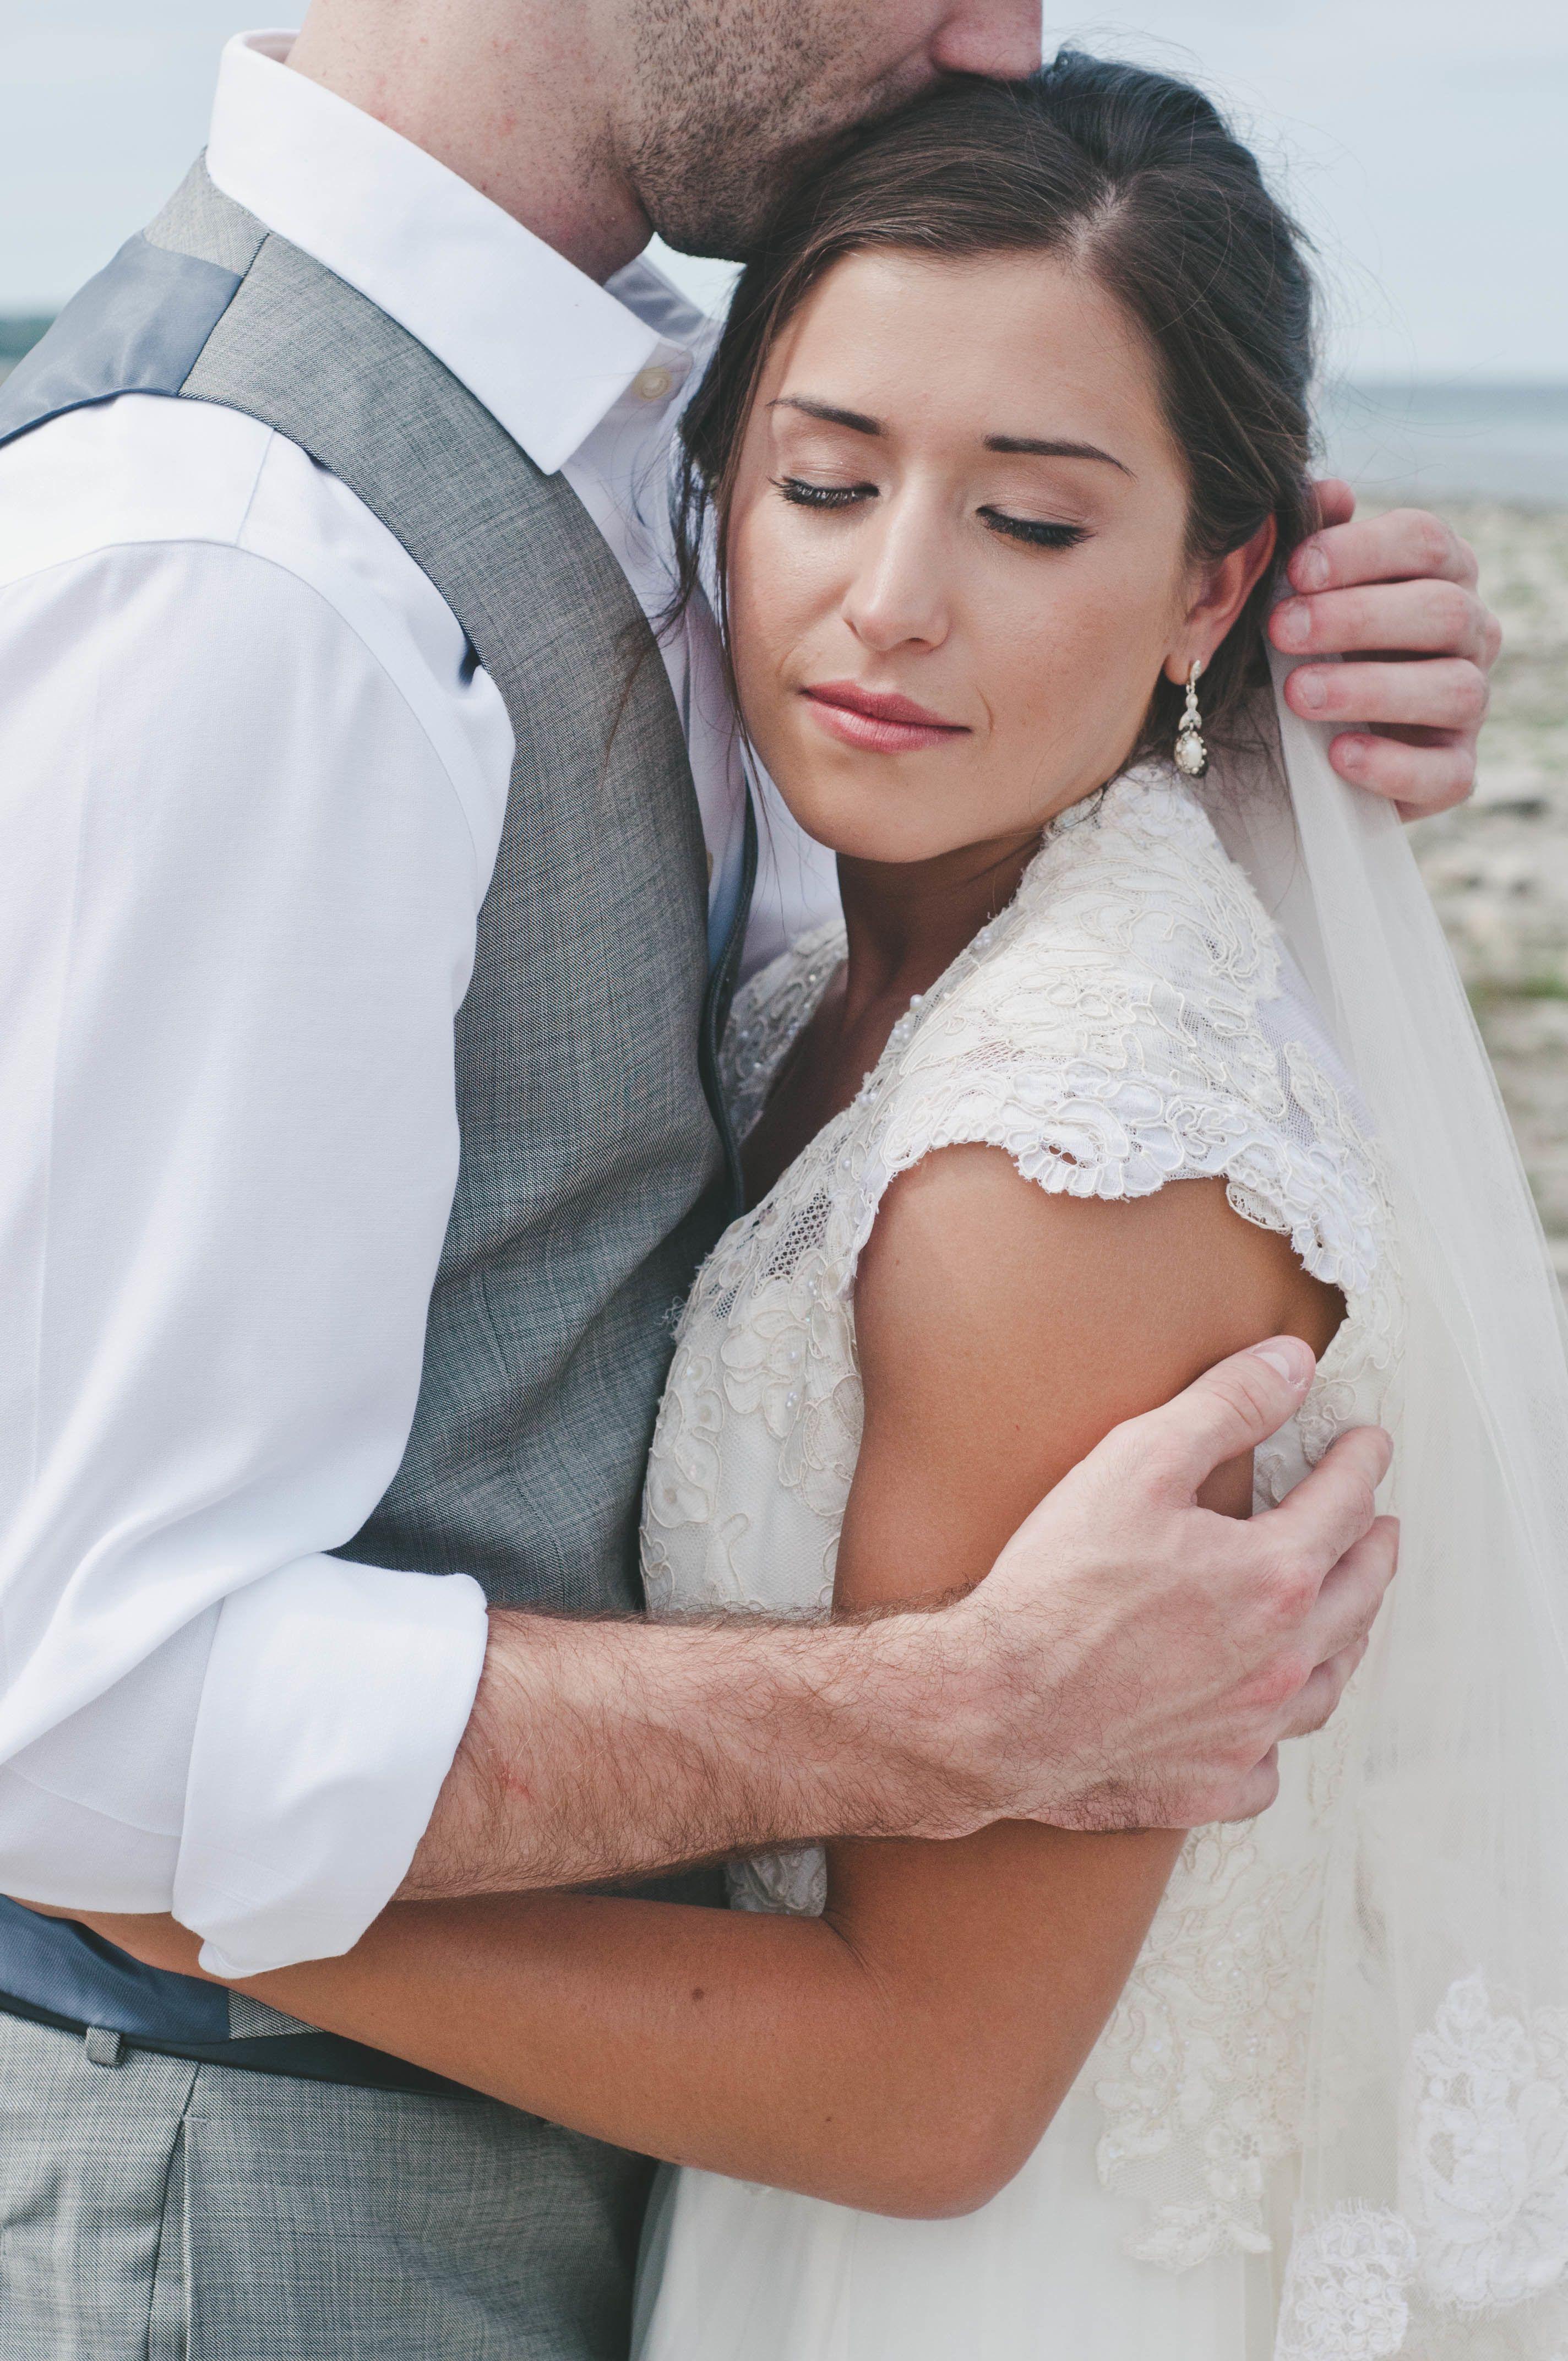 Photography: Swanky Fine Art Weddings - www.swankyfineartweddings.com  Read More: http://www.stylemepretty.com/midwest-weddings/2014/04/23/garden-wedding-by-the-sea/